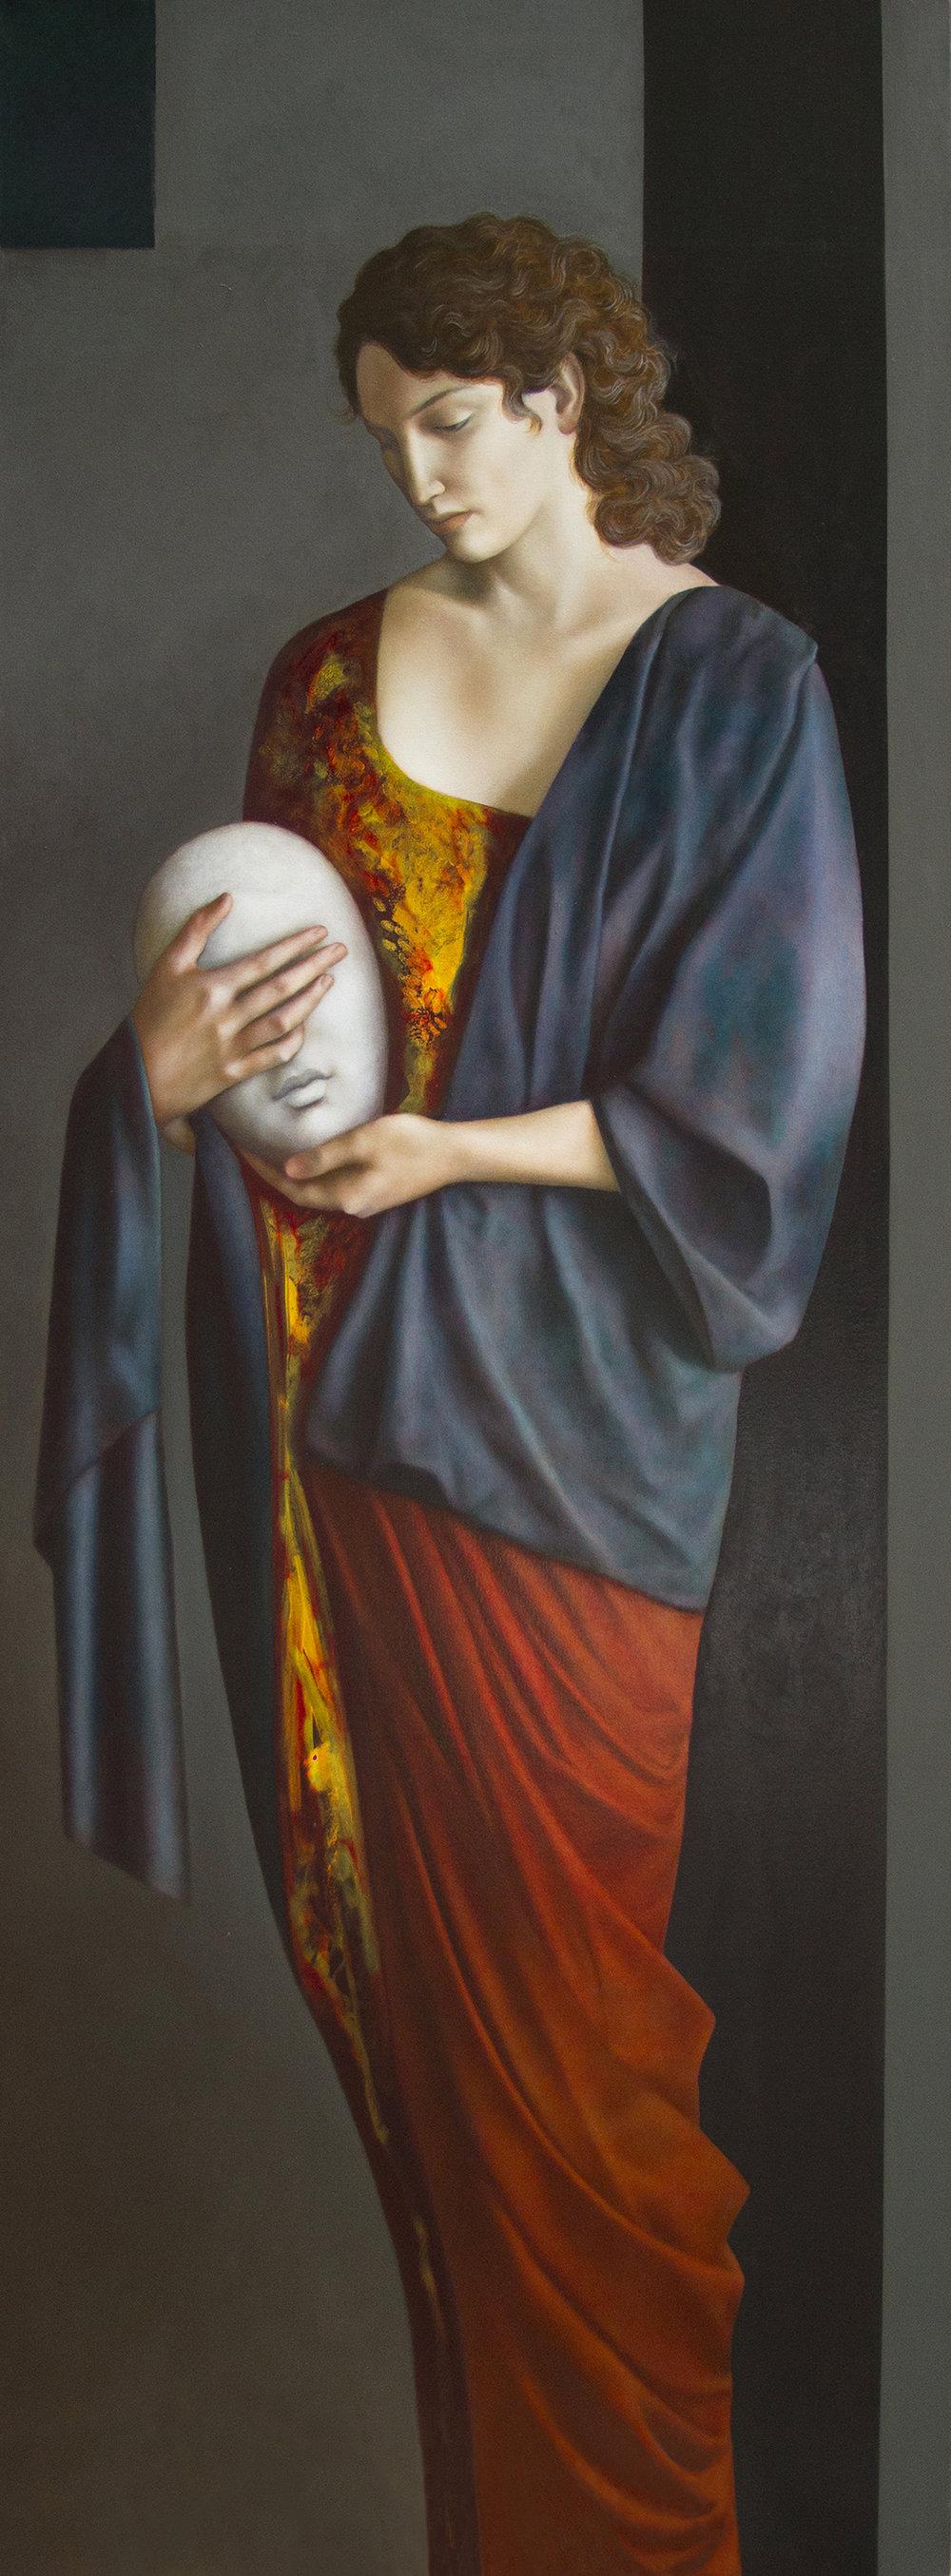 Medusa, oil on canvas, 210 x 70 cm, 2014